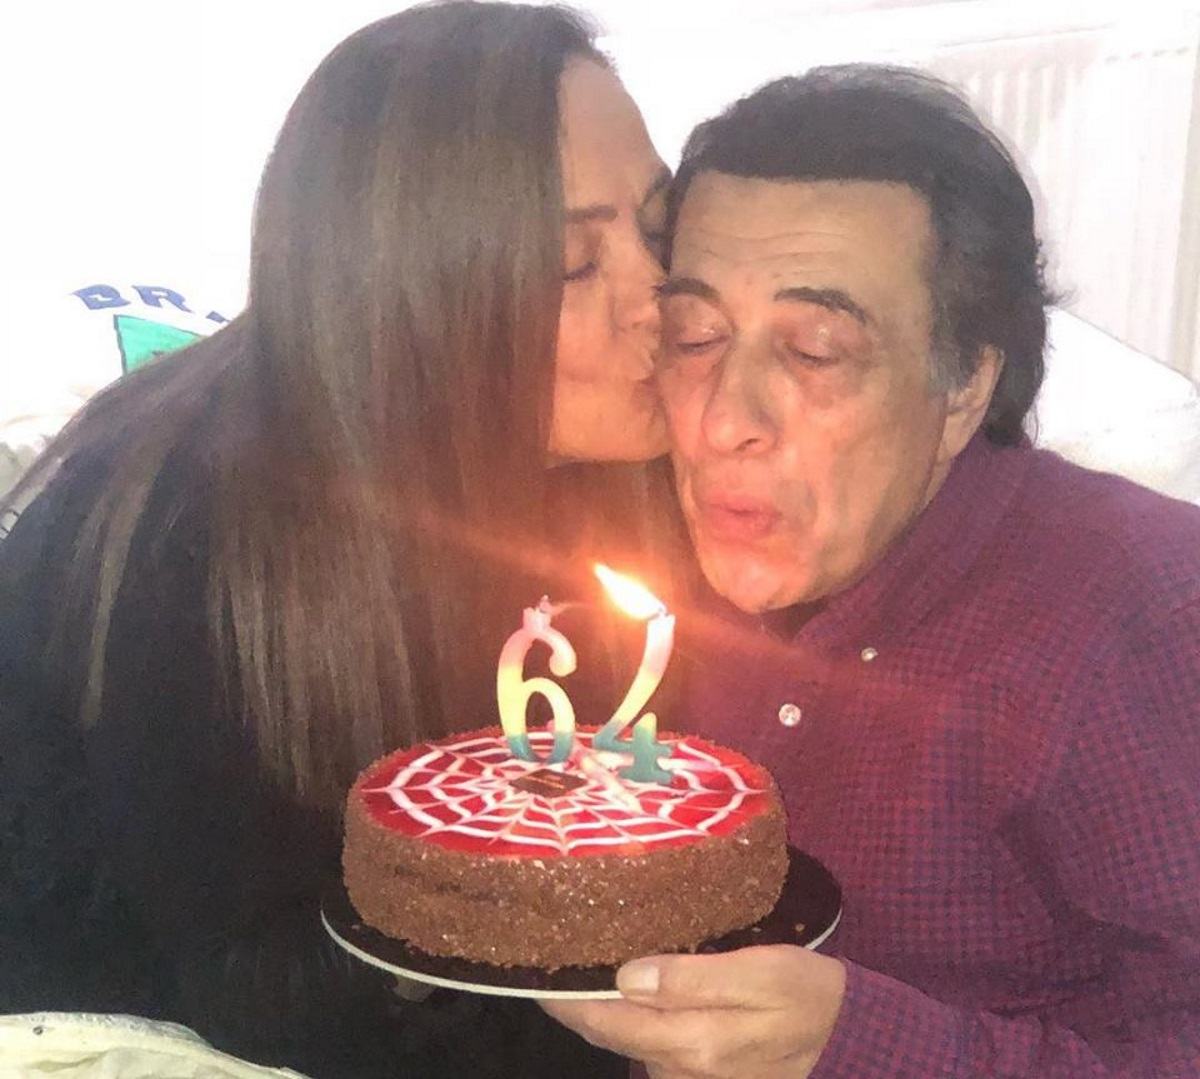 Αντύπας: Γιόρτασε τα γενέθλιά του με τη γυναίκα του! Η εντυπωσιακή τούρτα του τραγουδιστή [pics,video] | tlife.gr